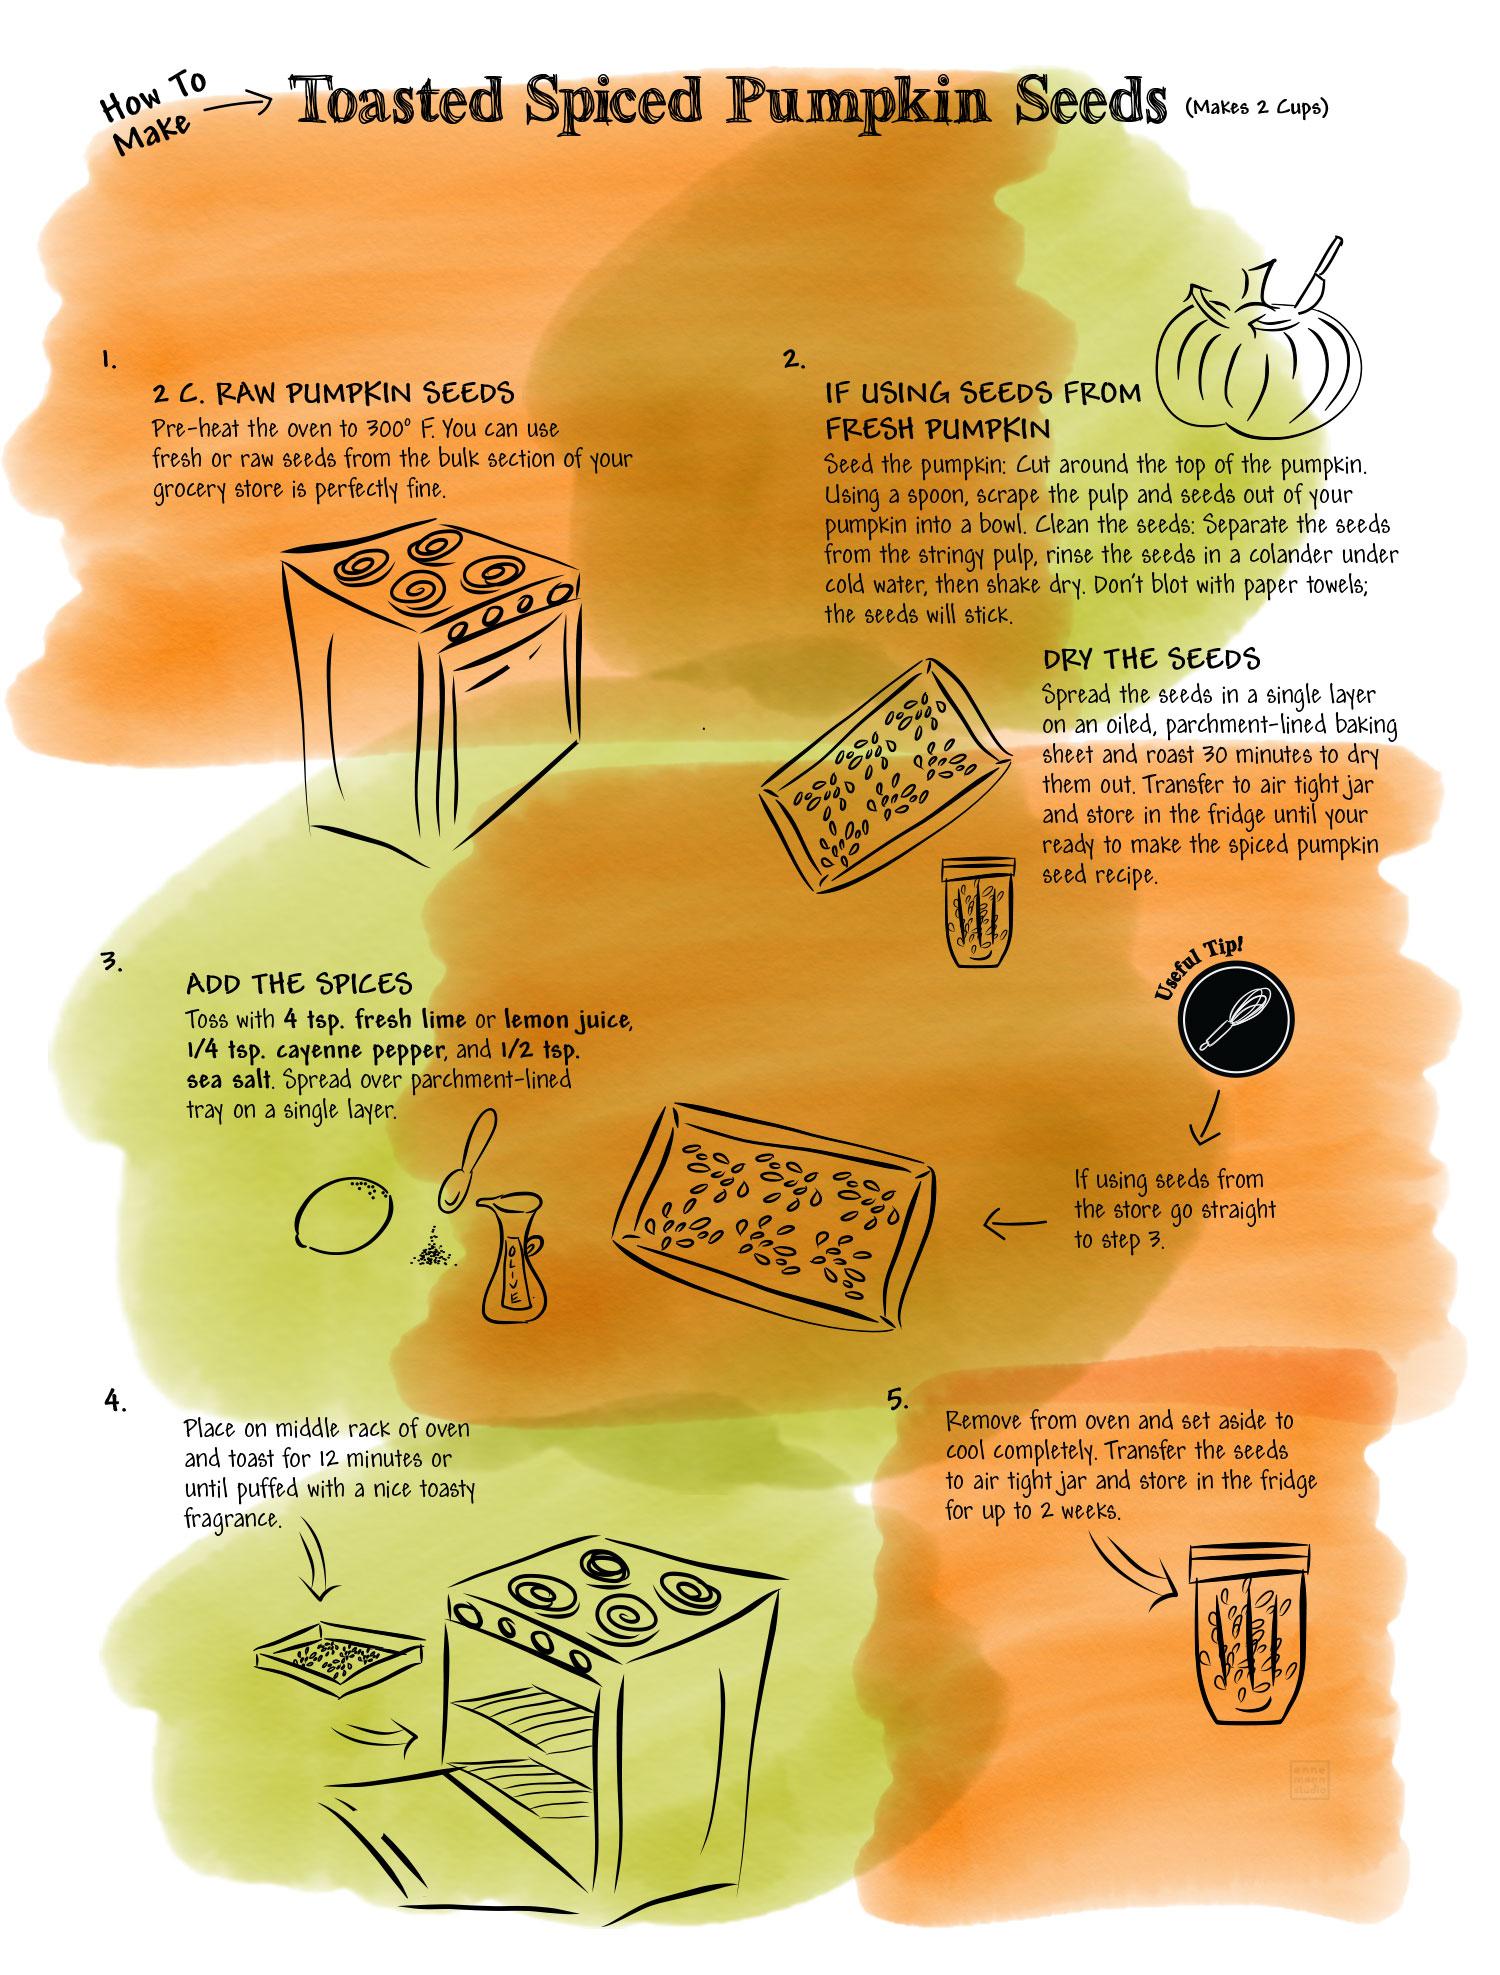 toasted-spiced-pumpkin-seeds-illu.jgp